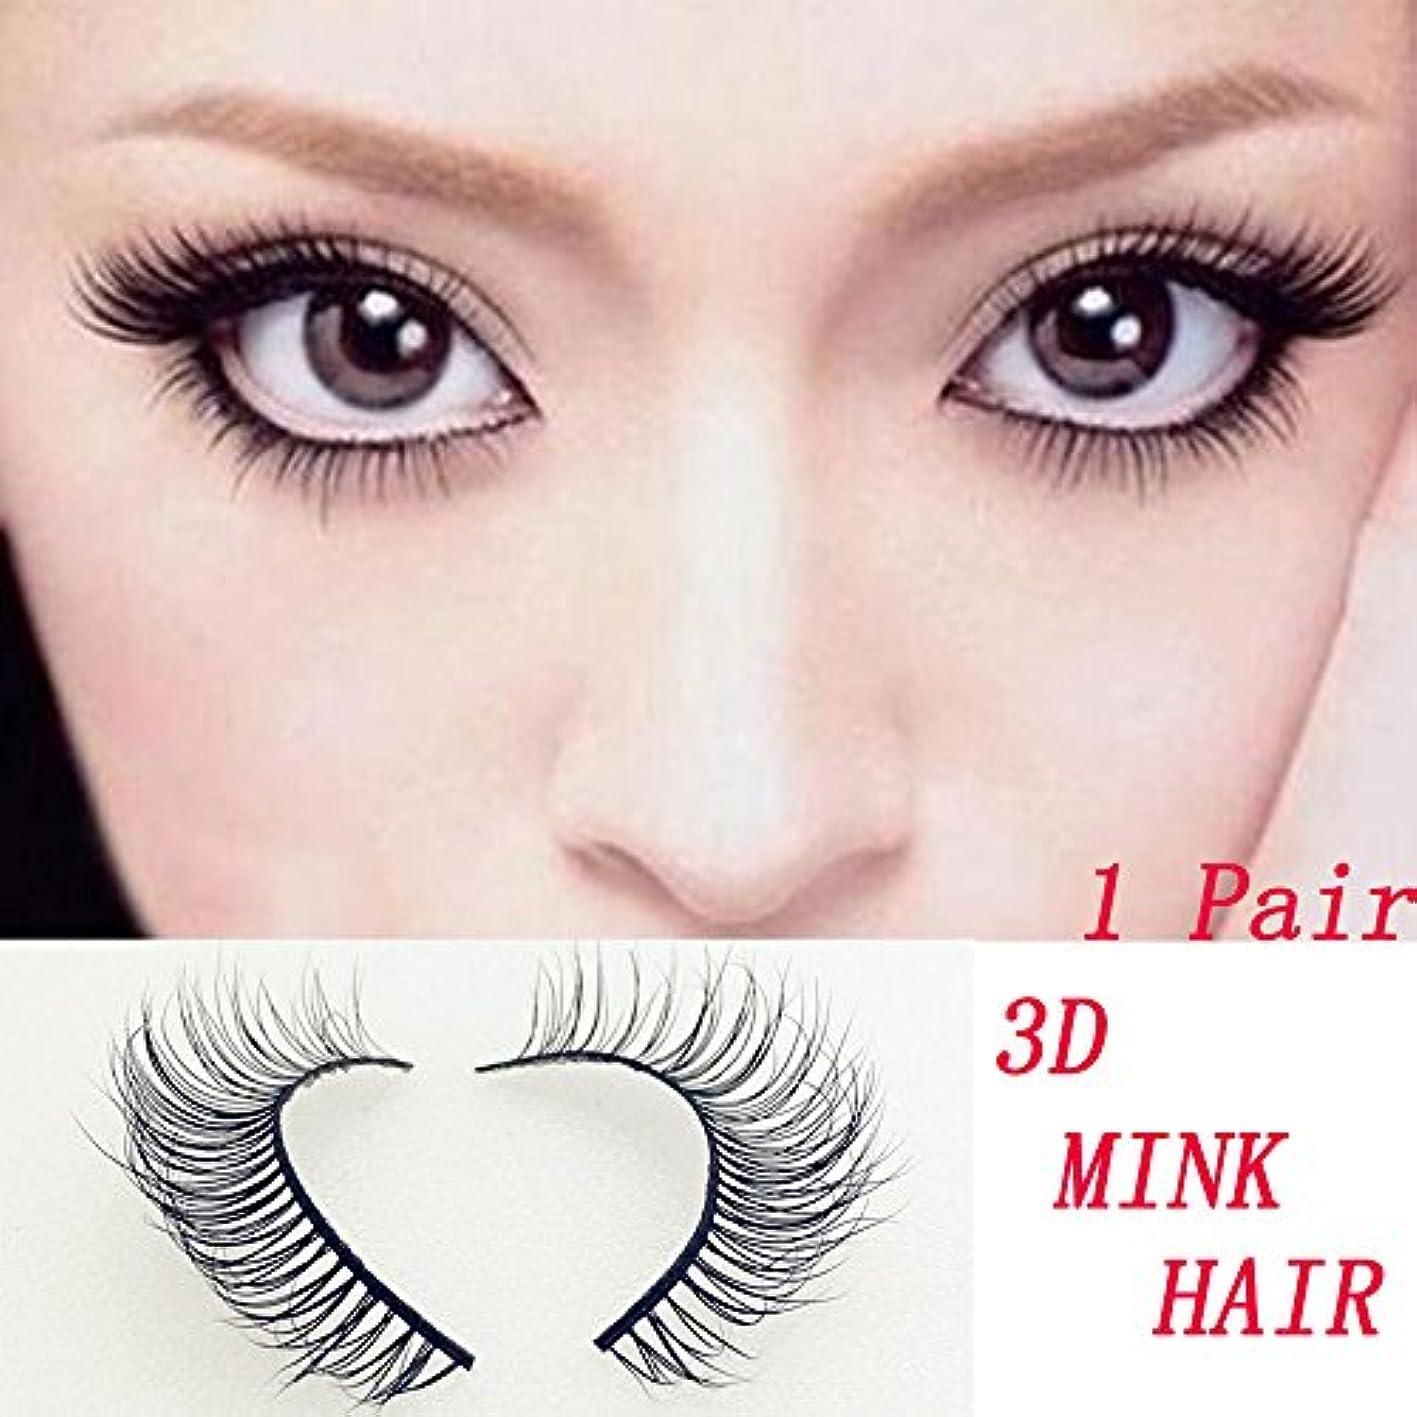 保護するヒューマニスティック診療所1ペア高級3Dミンクの髪つけまつげふわふわストリップまつげロングナチュラル